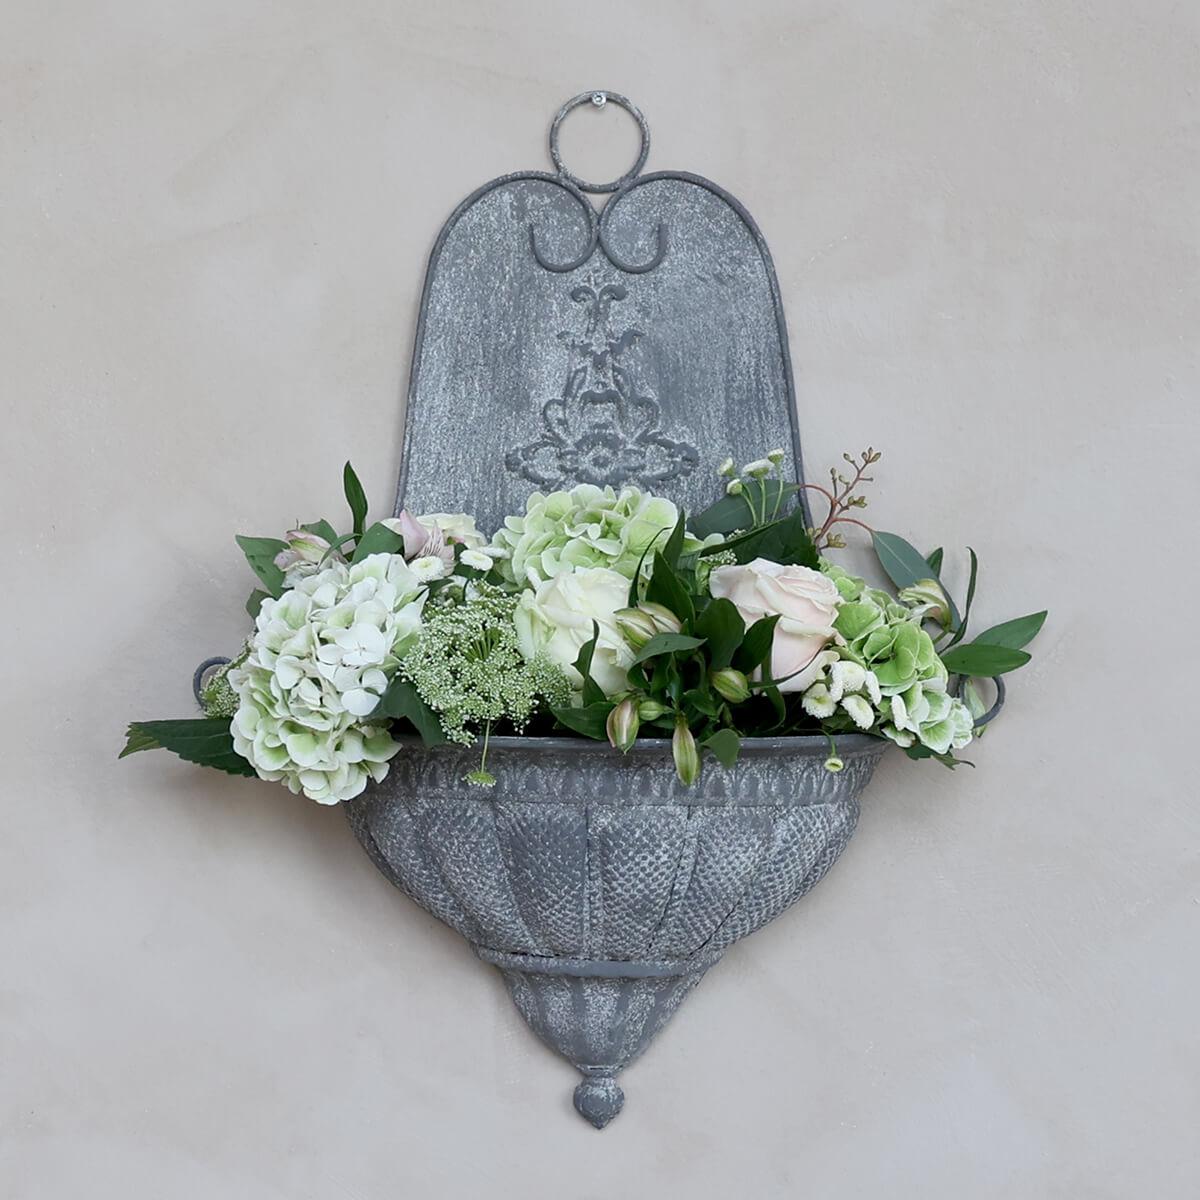 Fali kút vintage dekoráció kertbe és teraszra